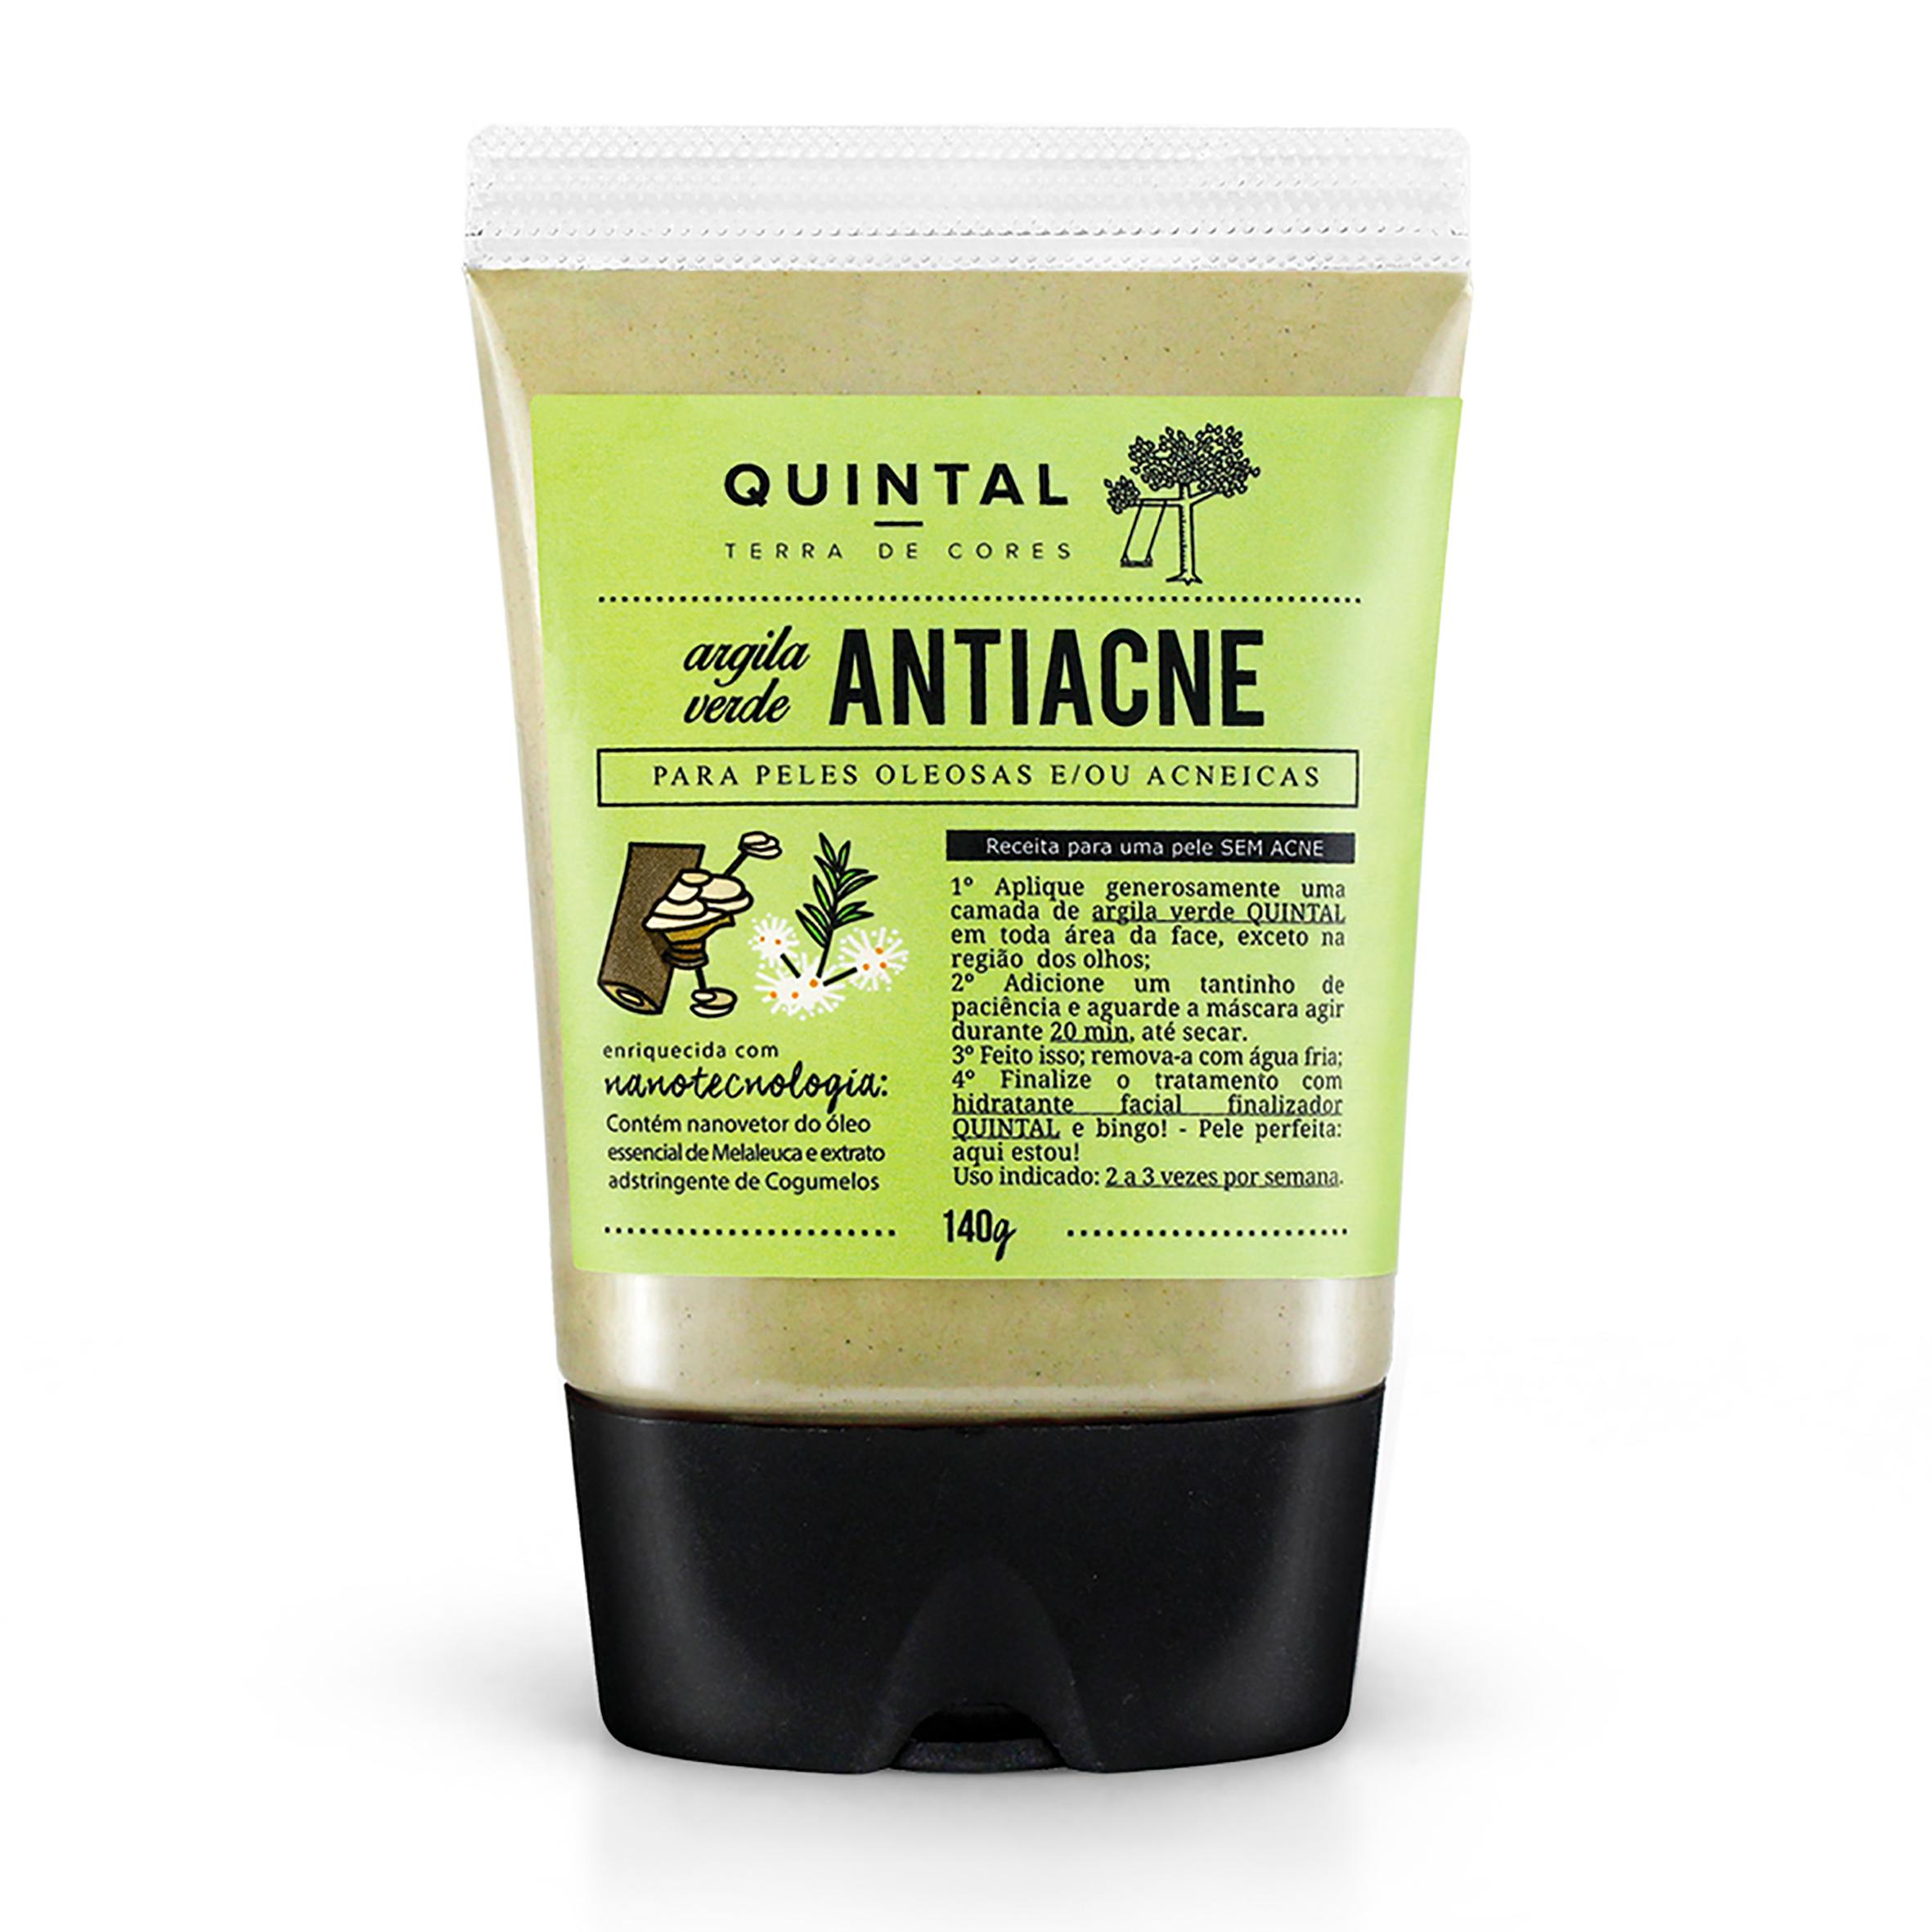 mascara-de-argila-verde-quintal-antiacne-1